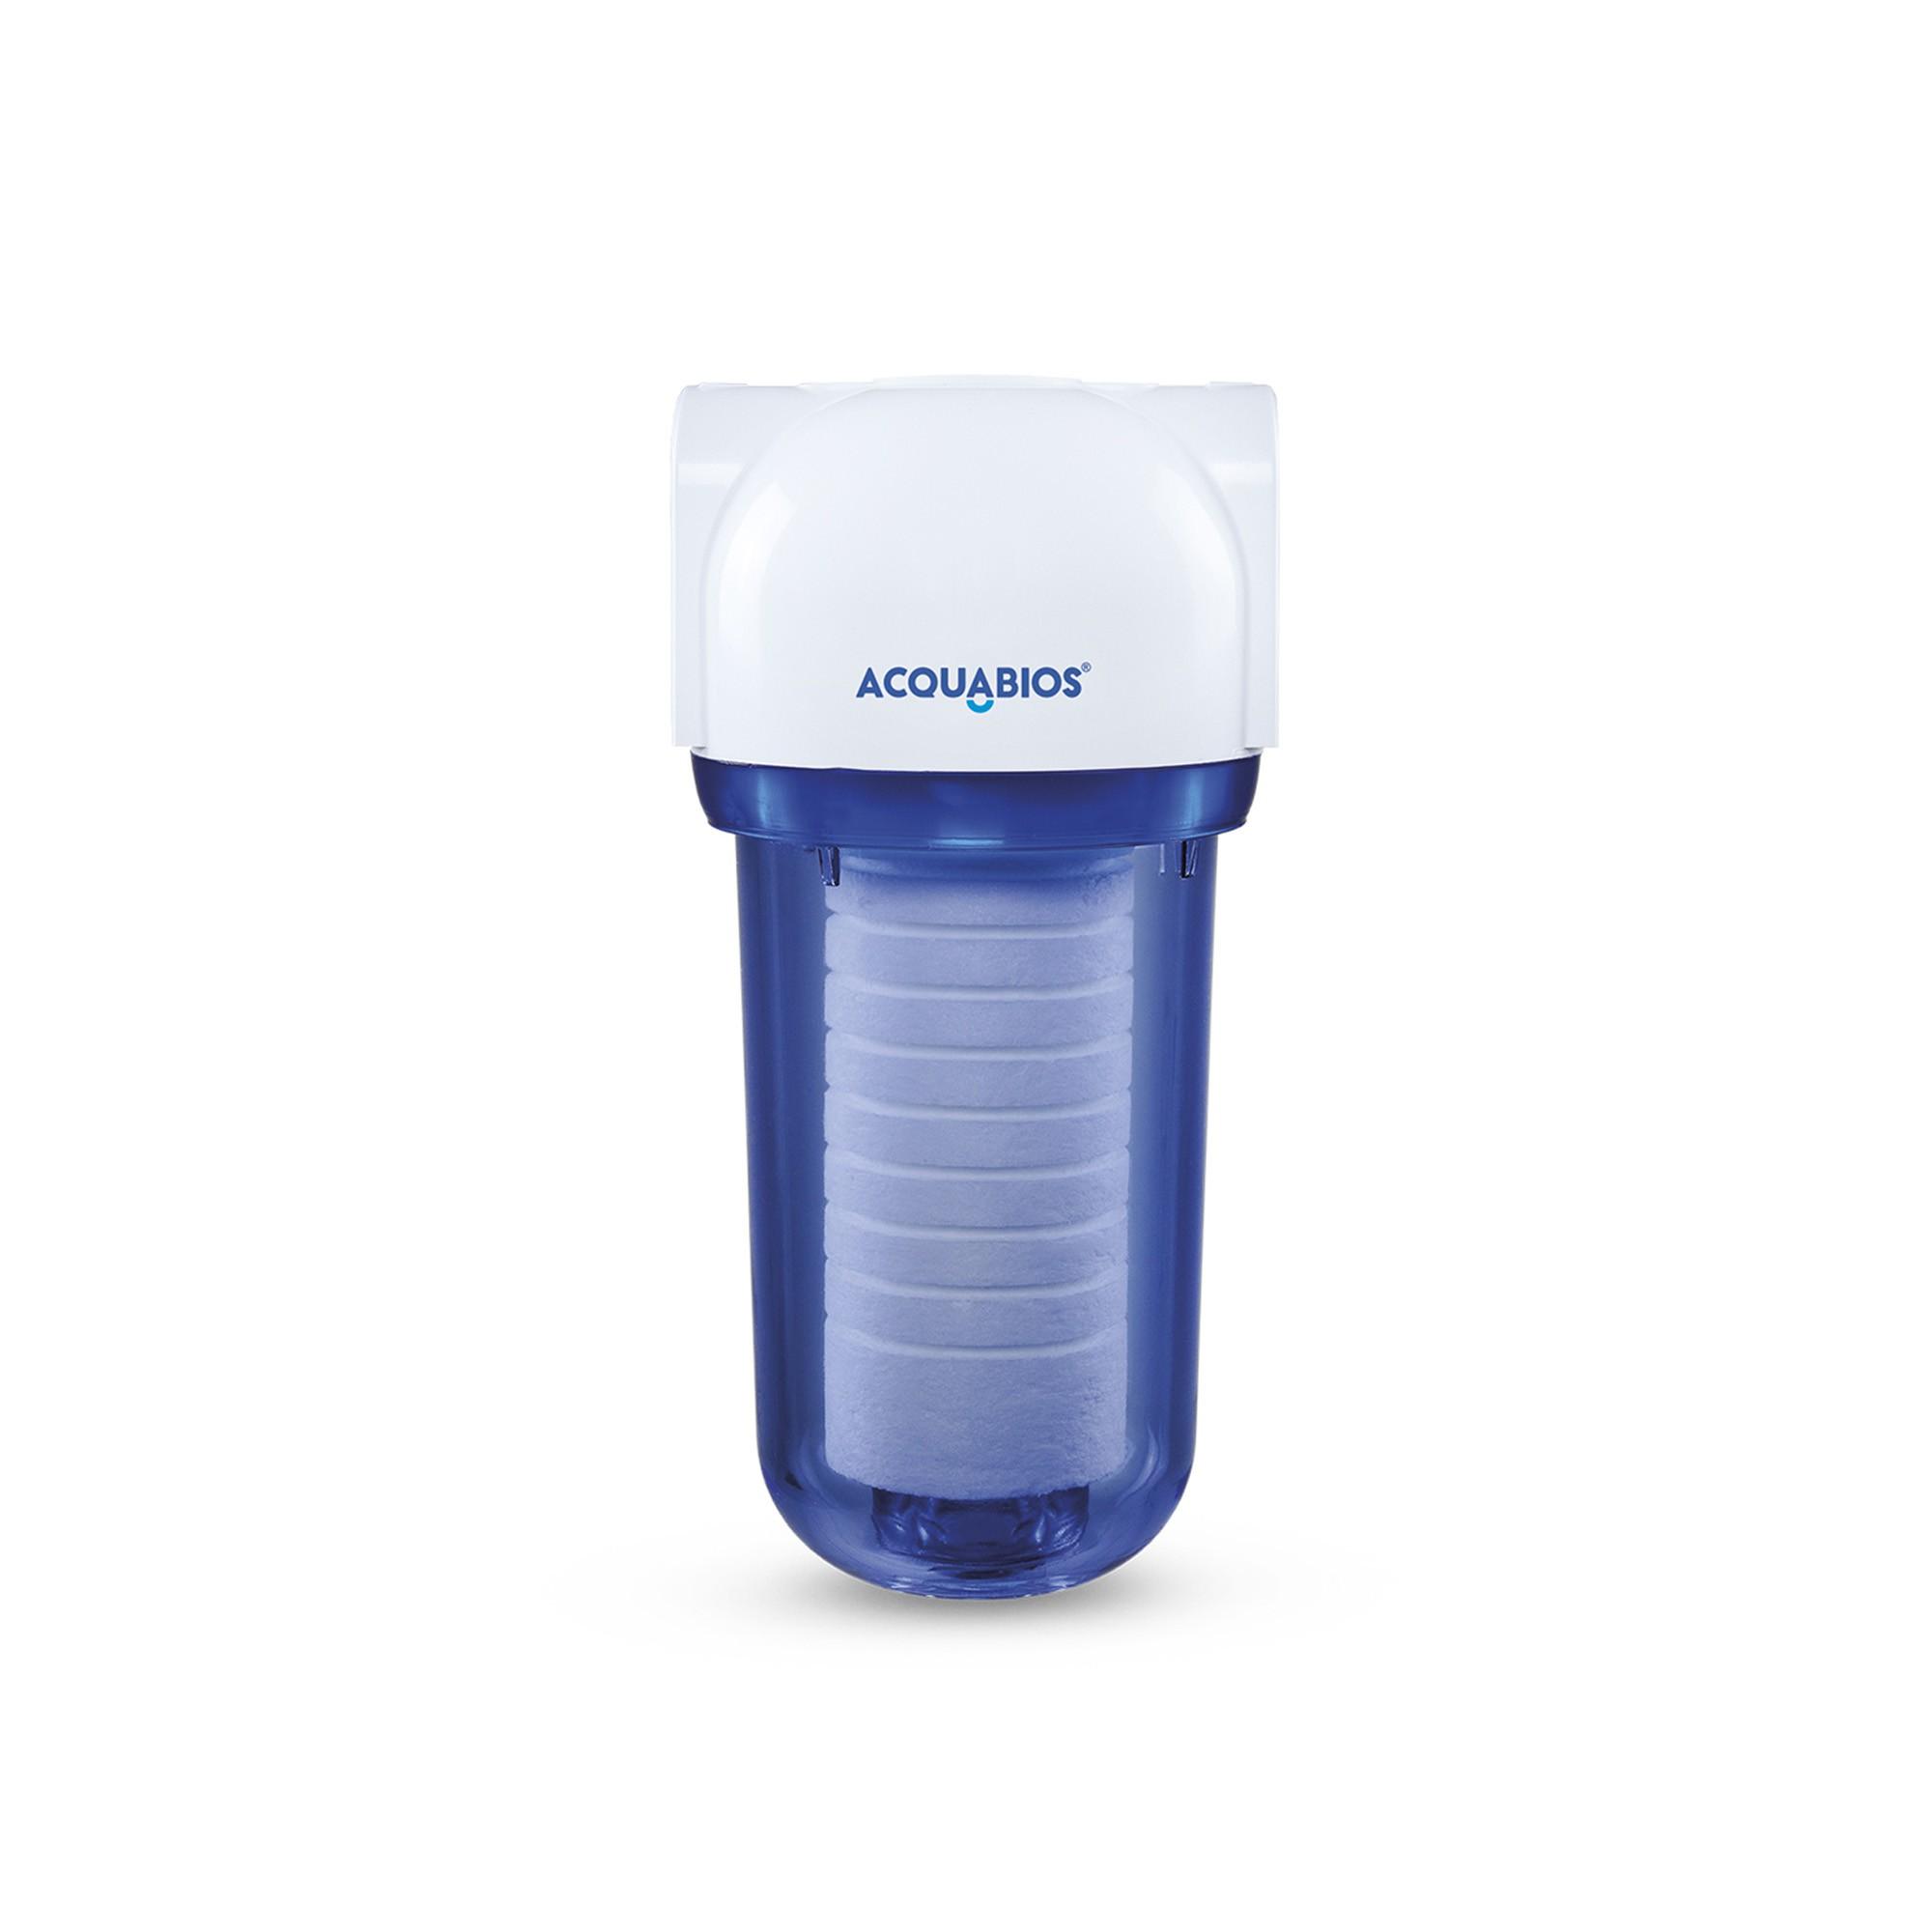 Filtro Acqua 200 Transparente Refil PP para Maquina de Lavar, roupas mais limpas